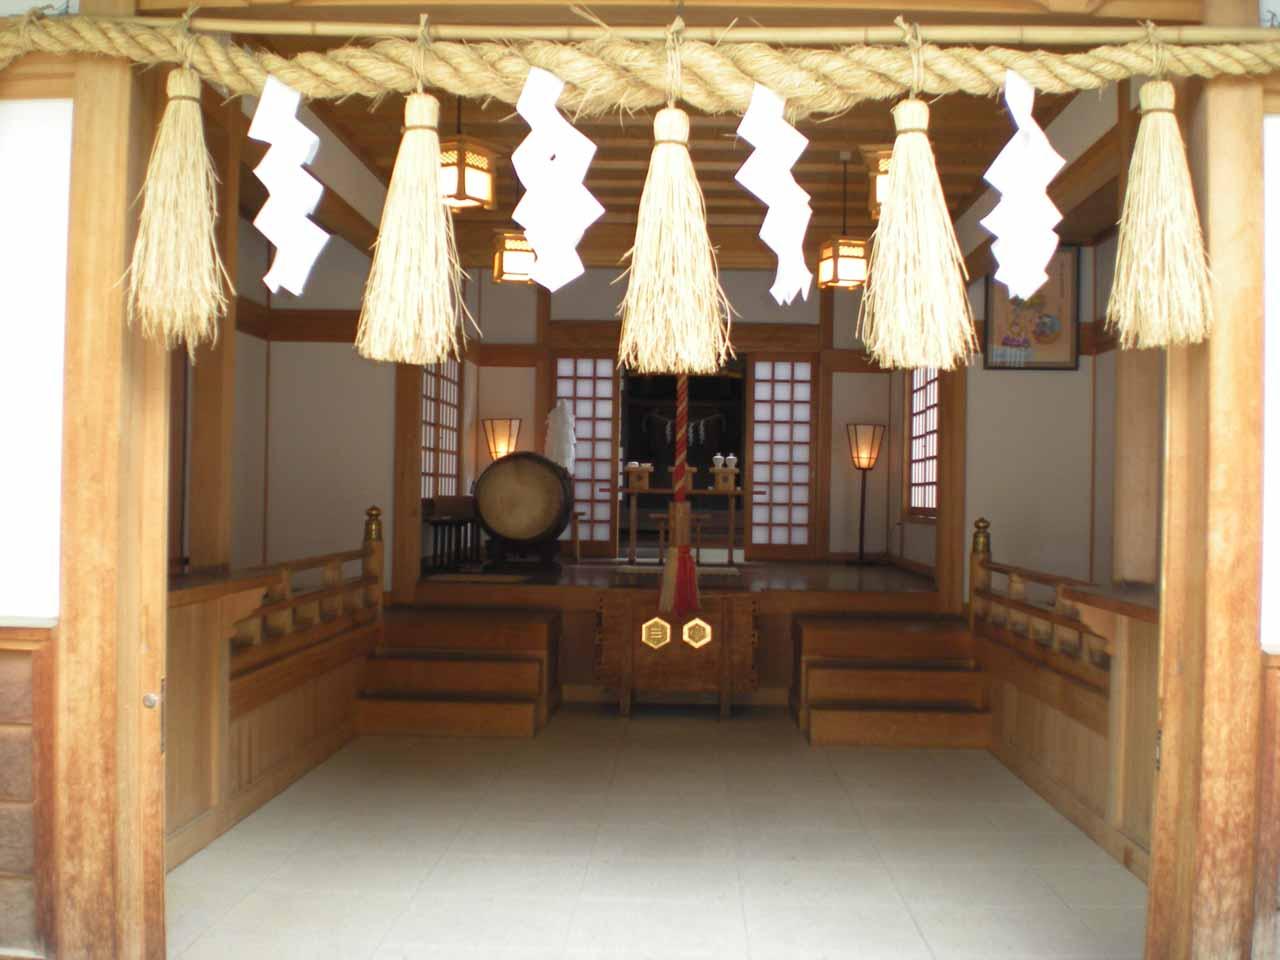 The shrine at Nakamachi-dori part of Matsumoto